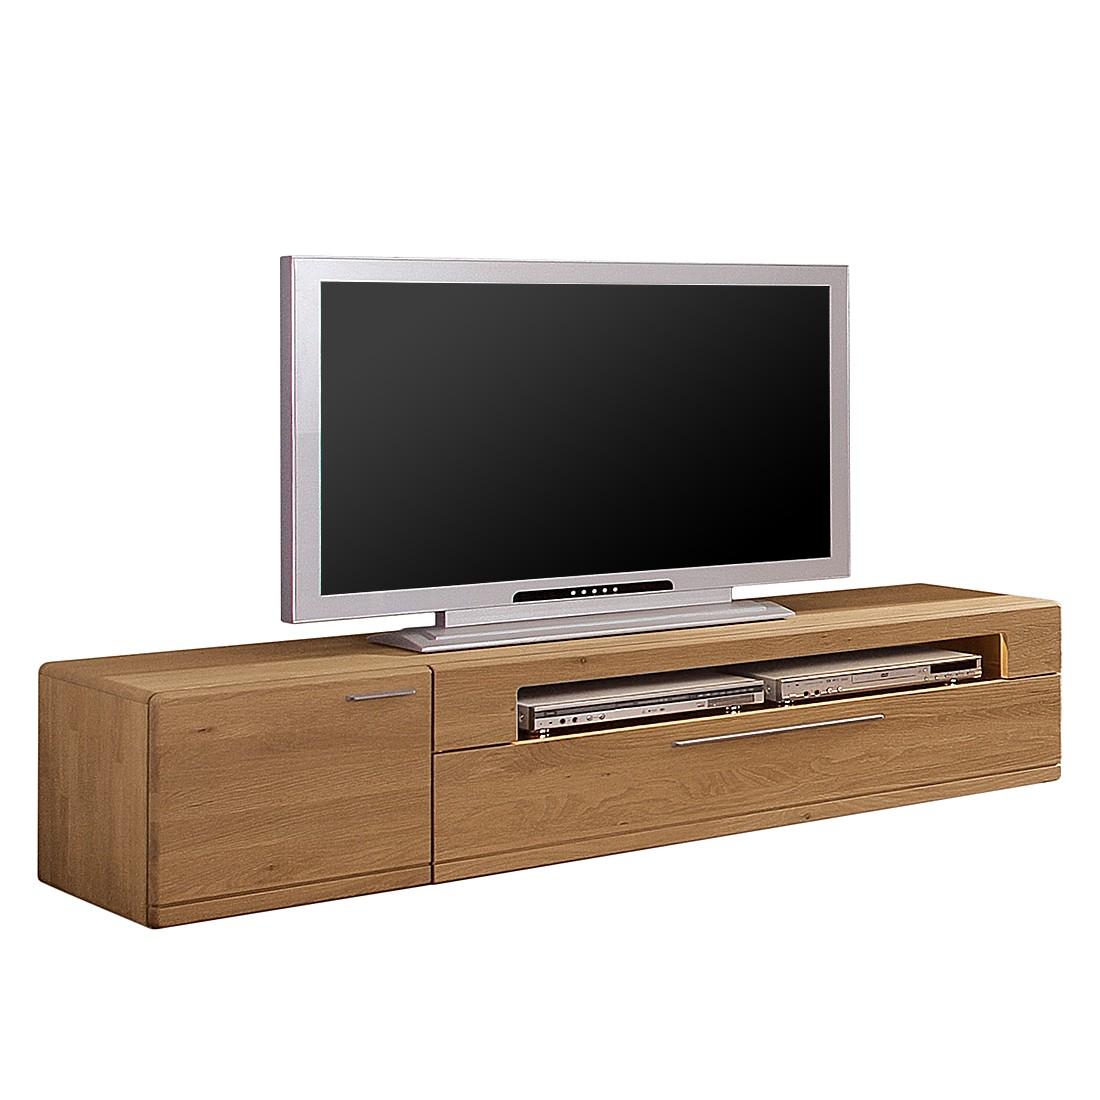 Meuble TV BOIS NATUREL  BOIS NATUREL Trouvez BOIS NATUREL parmis nos meubles -> Meubles Tv Avec Dimensions En Bois Naturel